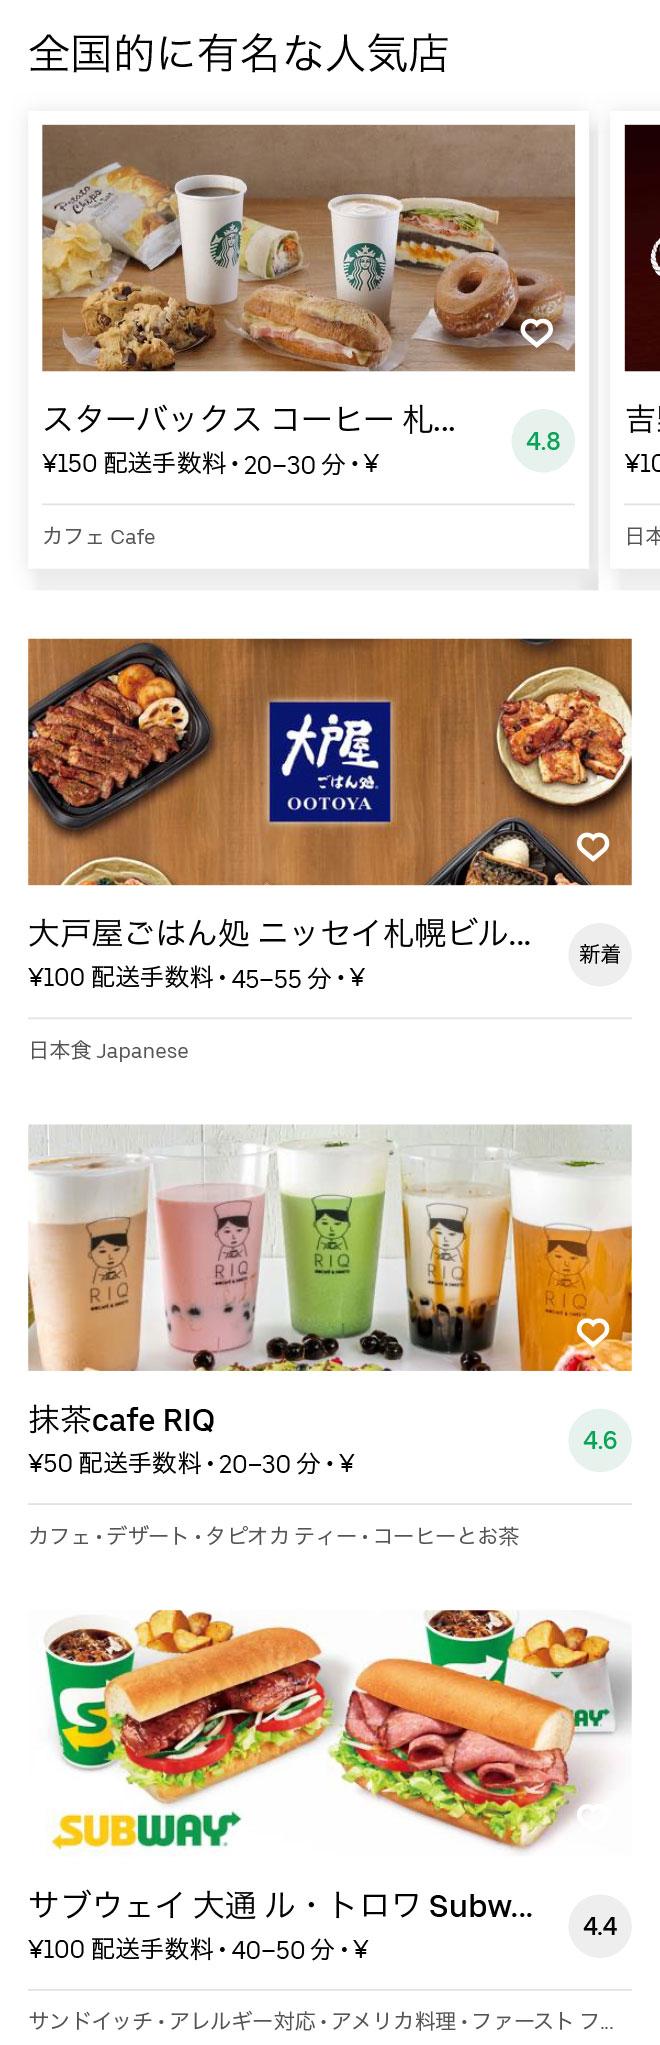 Susukino menu 2008 02